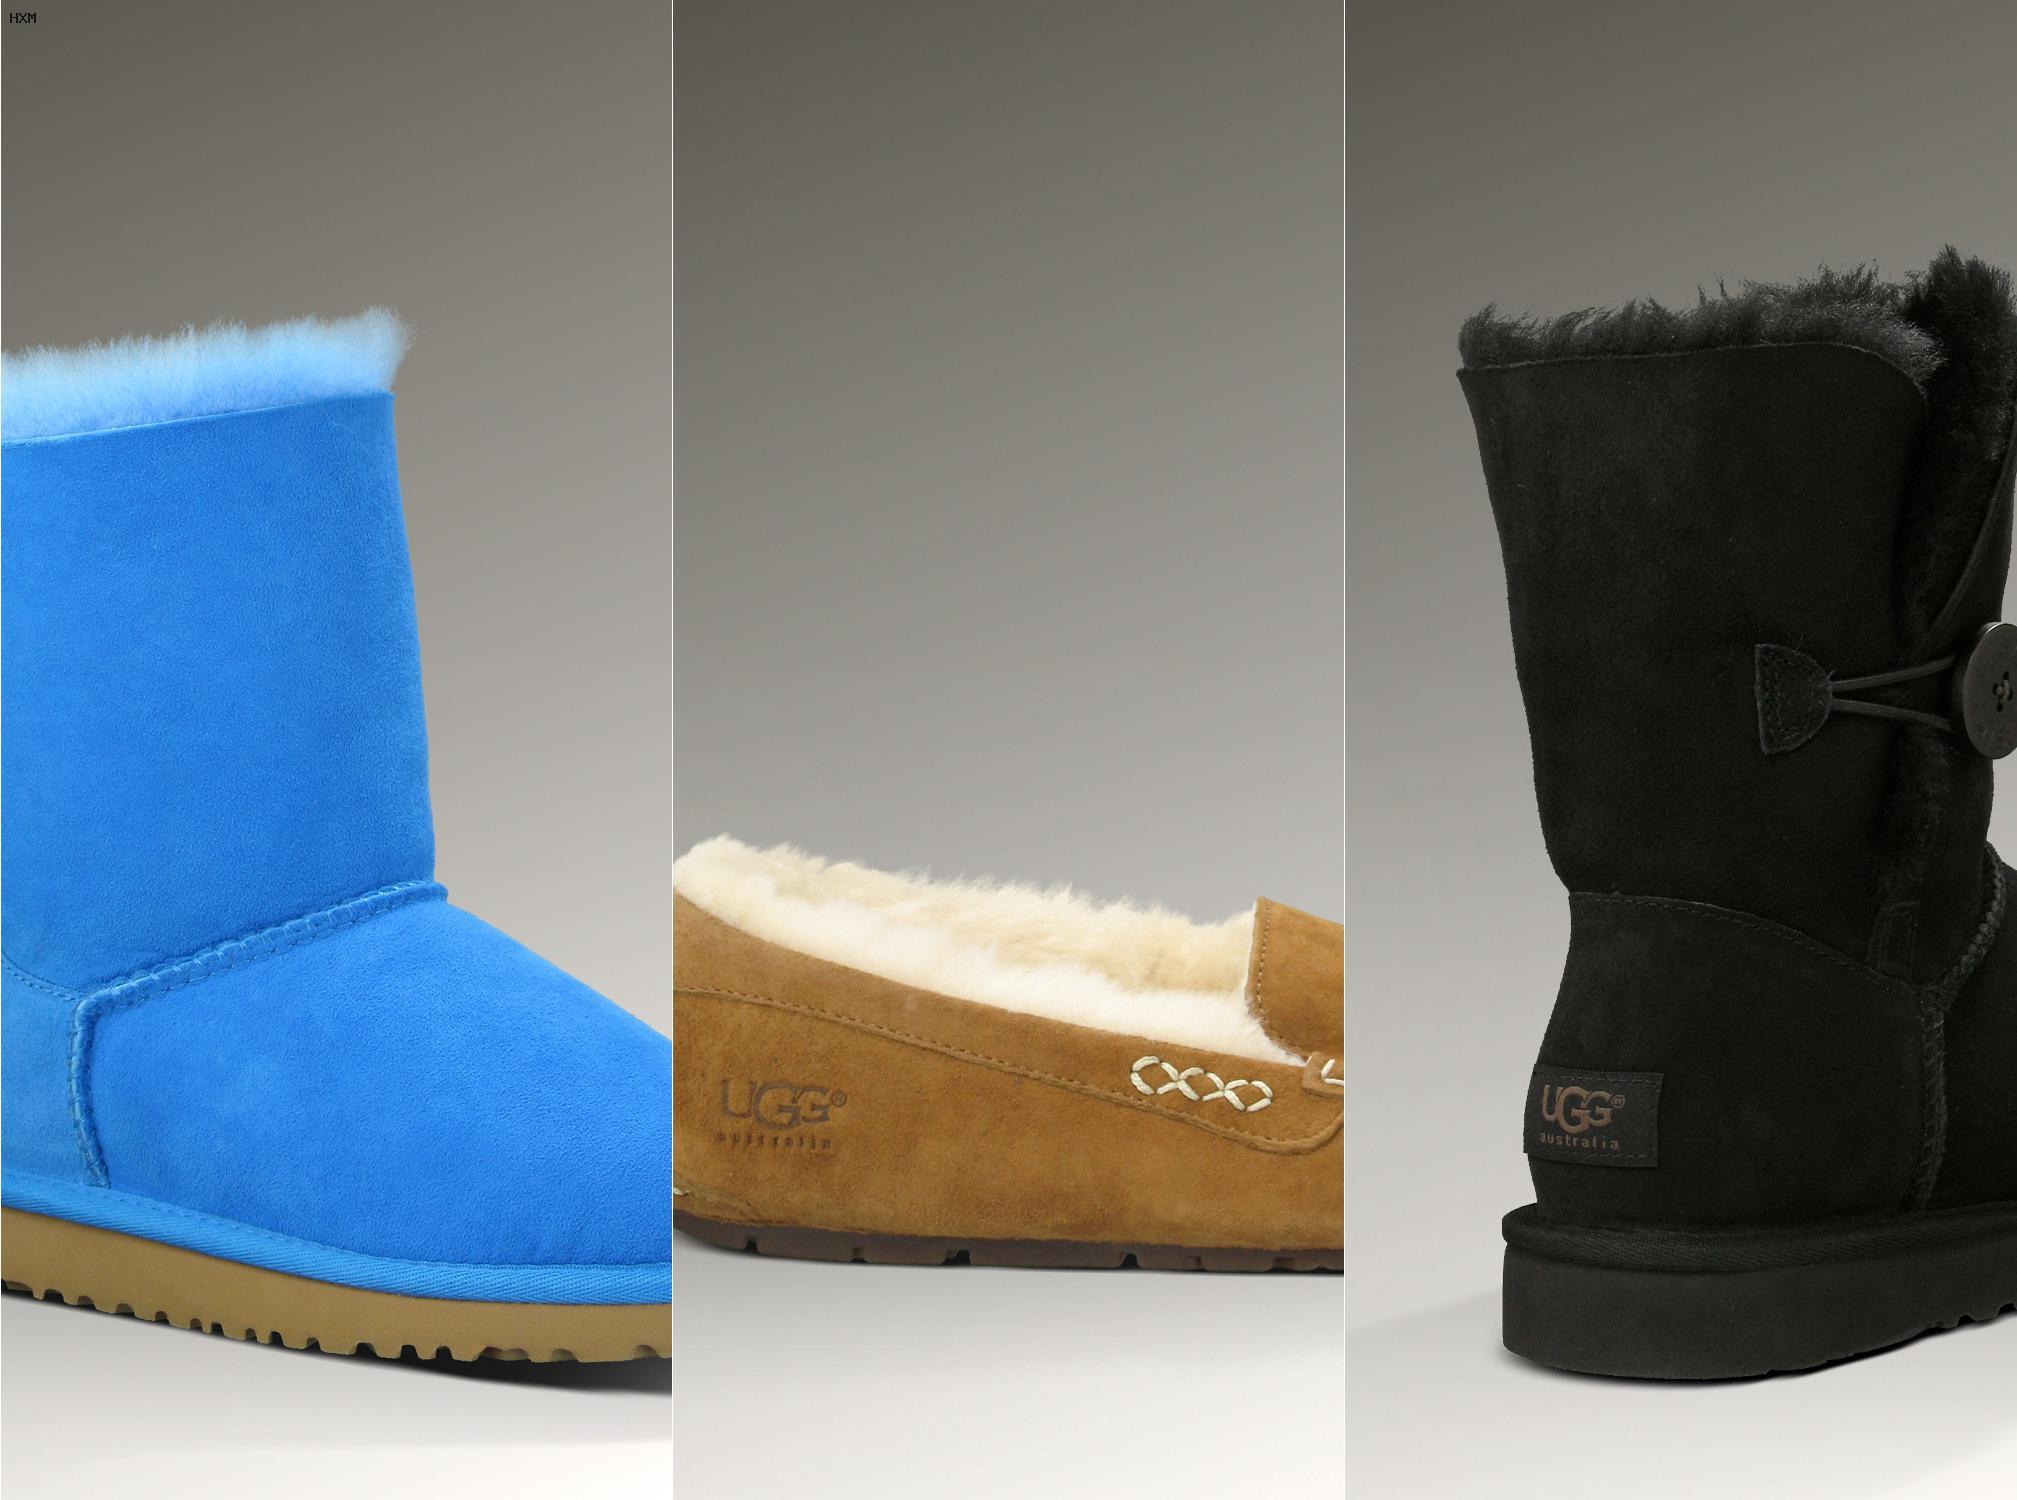 como saber si unas botas ugg son originales